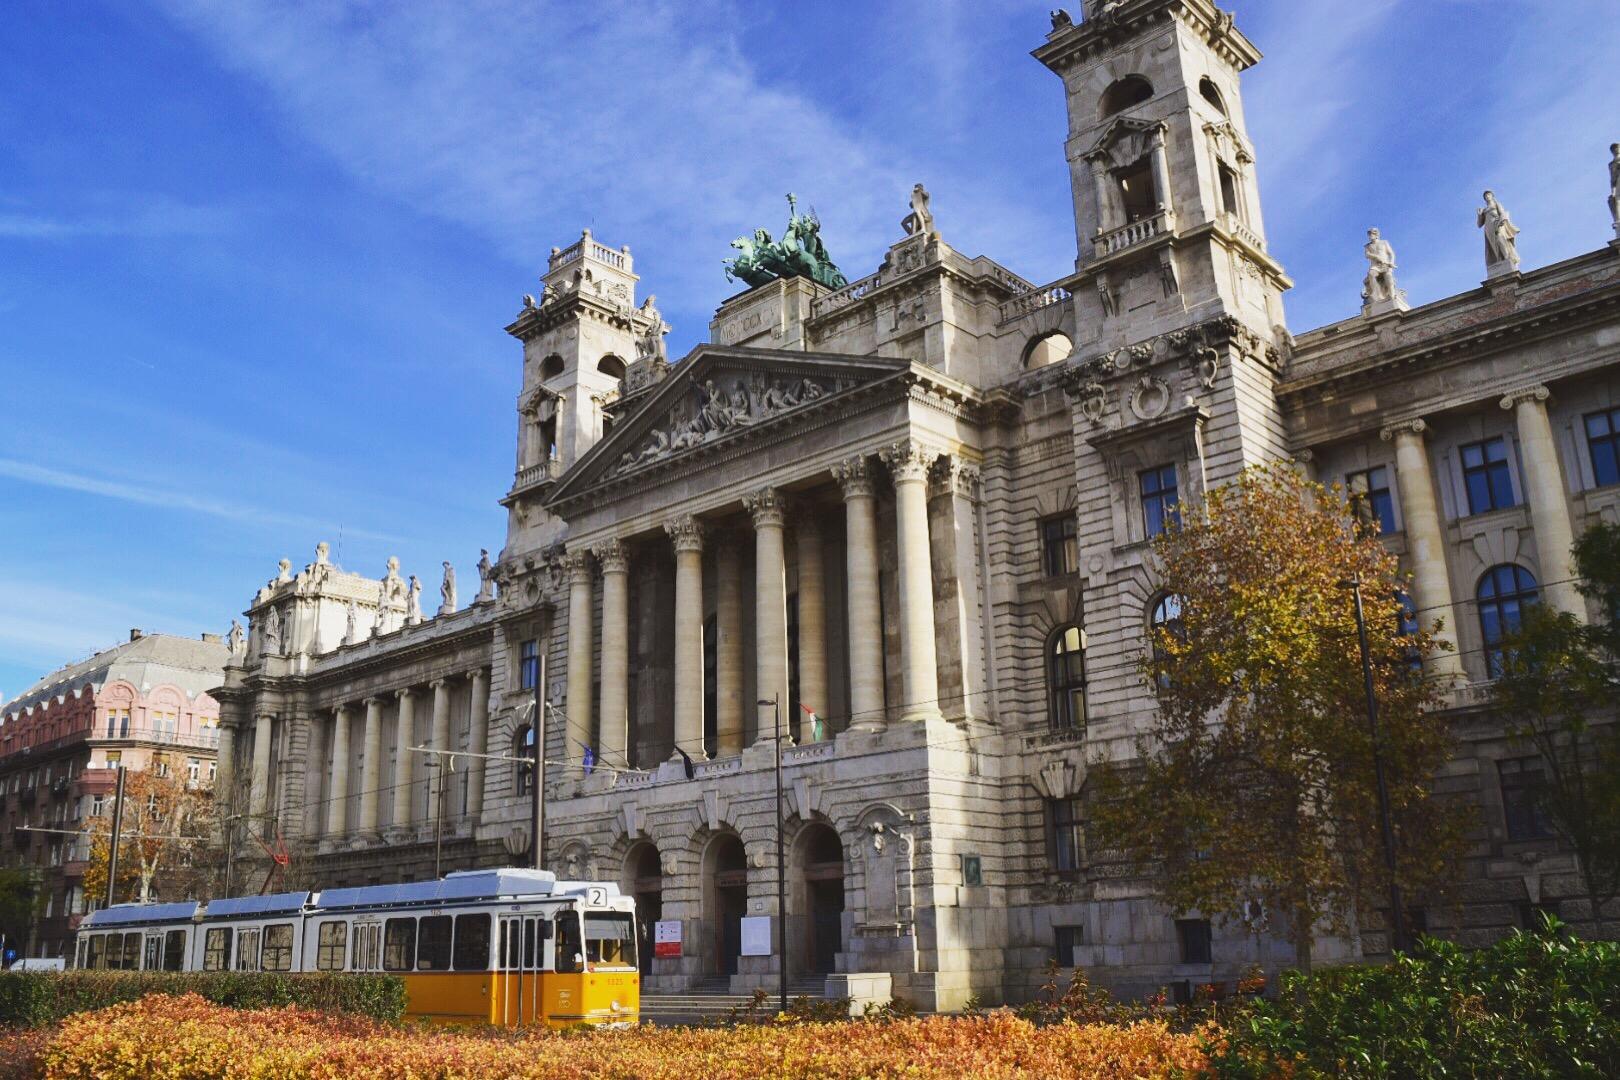 【美食の街ブダペスト】本当に美味しいレストラン&ケーキショップを紹介します